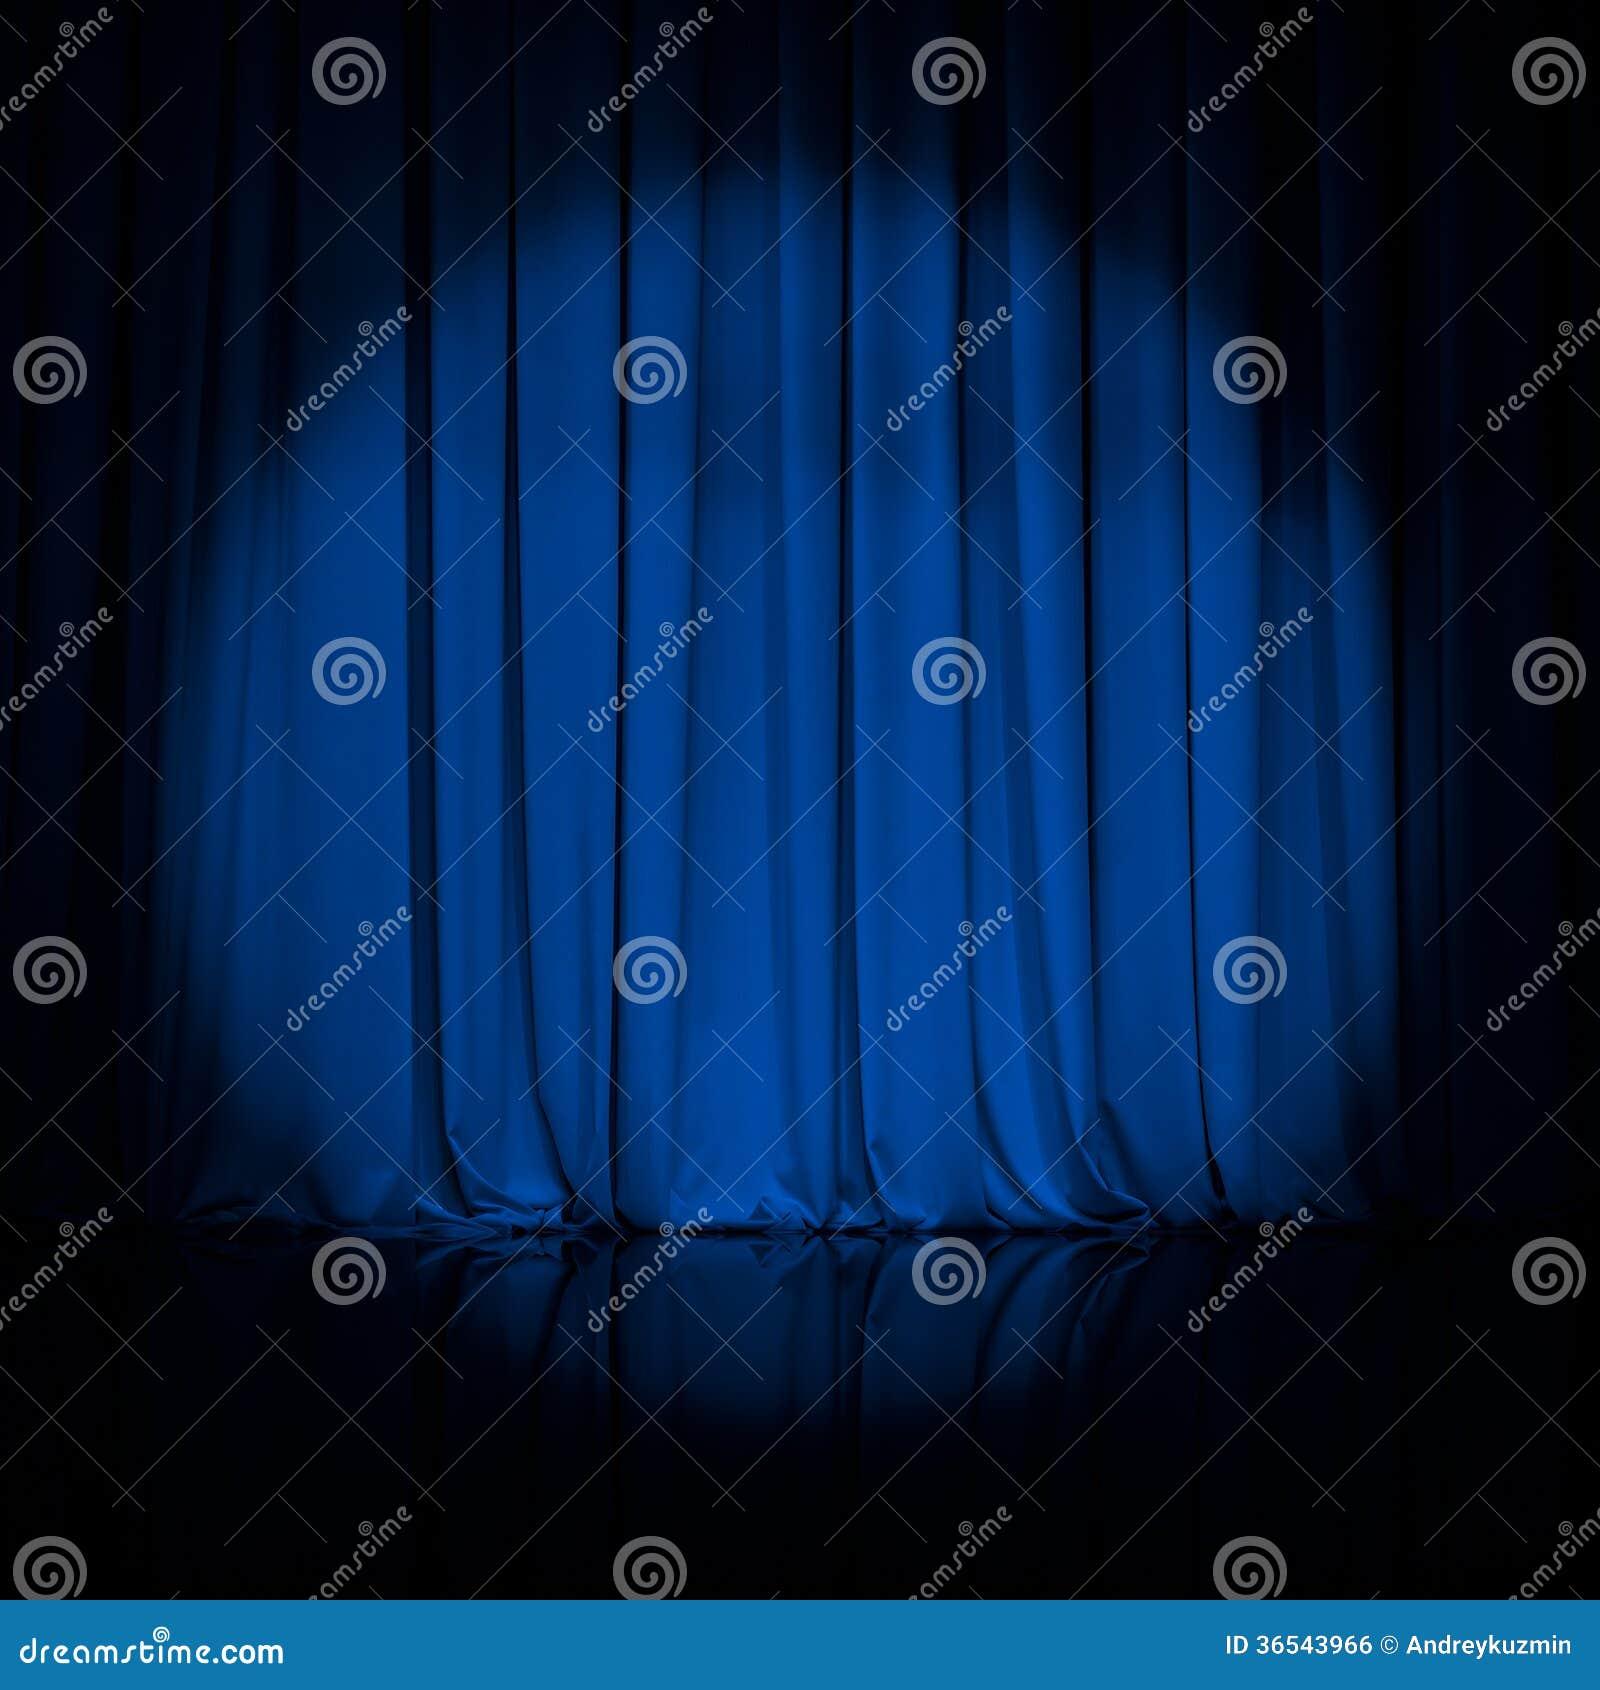 Vorhang oder drapiert blauen Theaterhintergrund